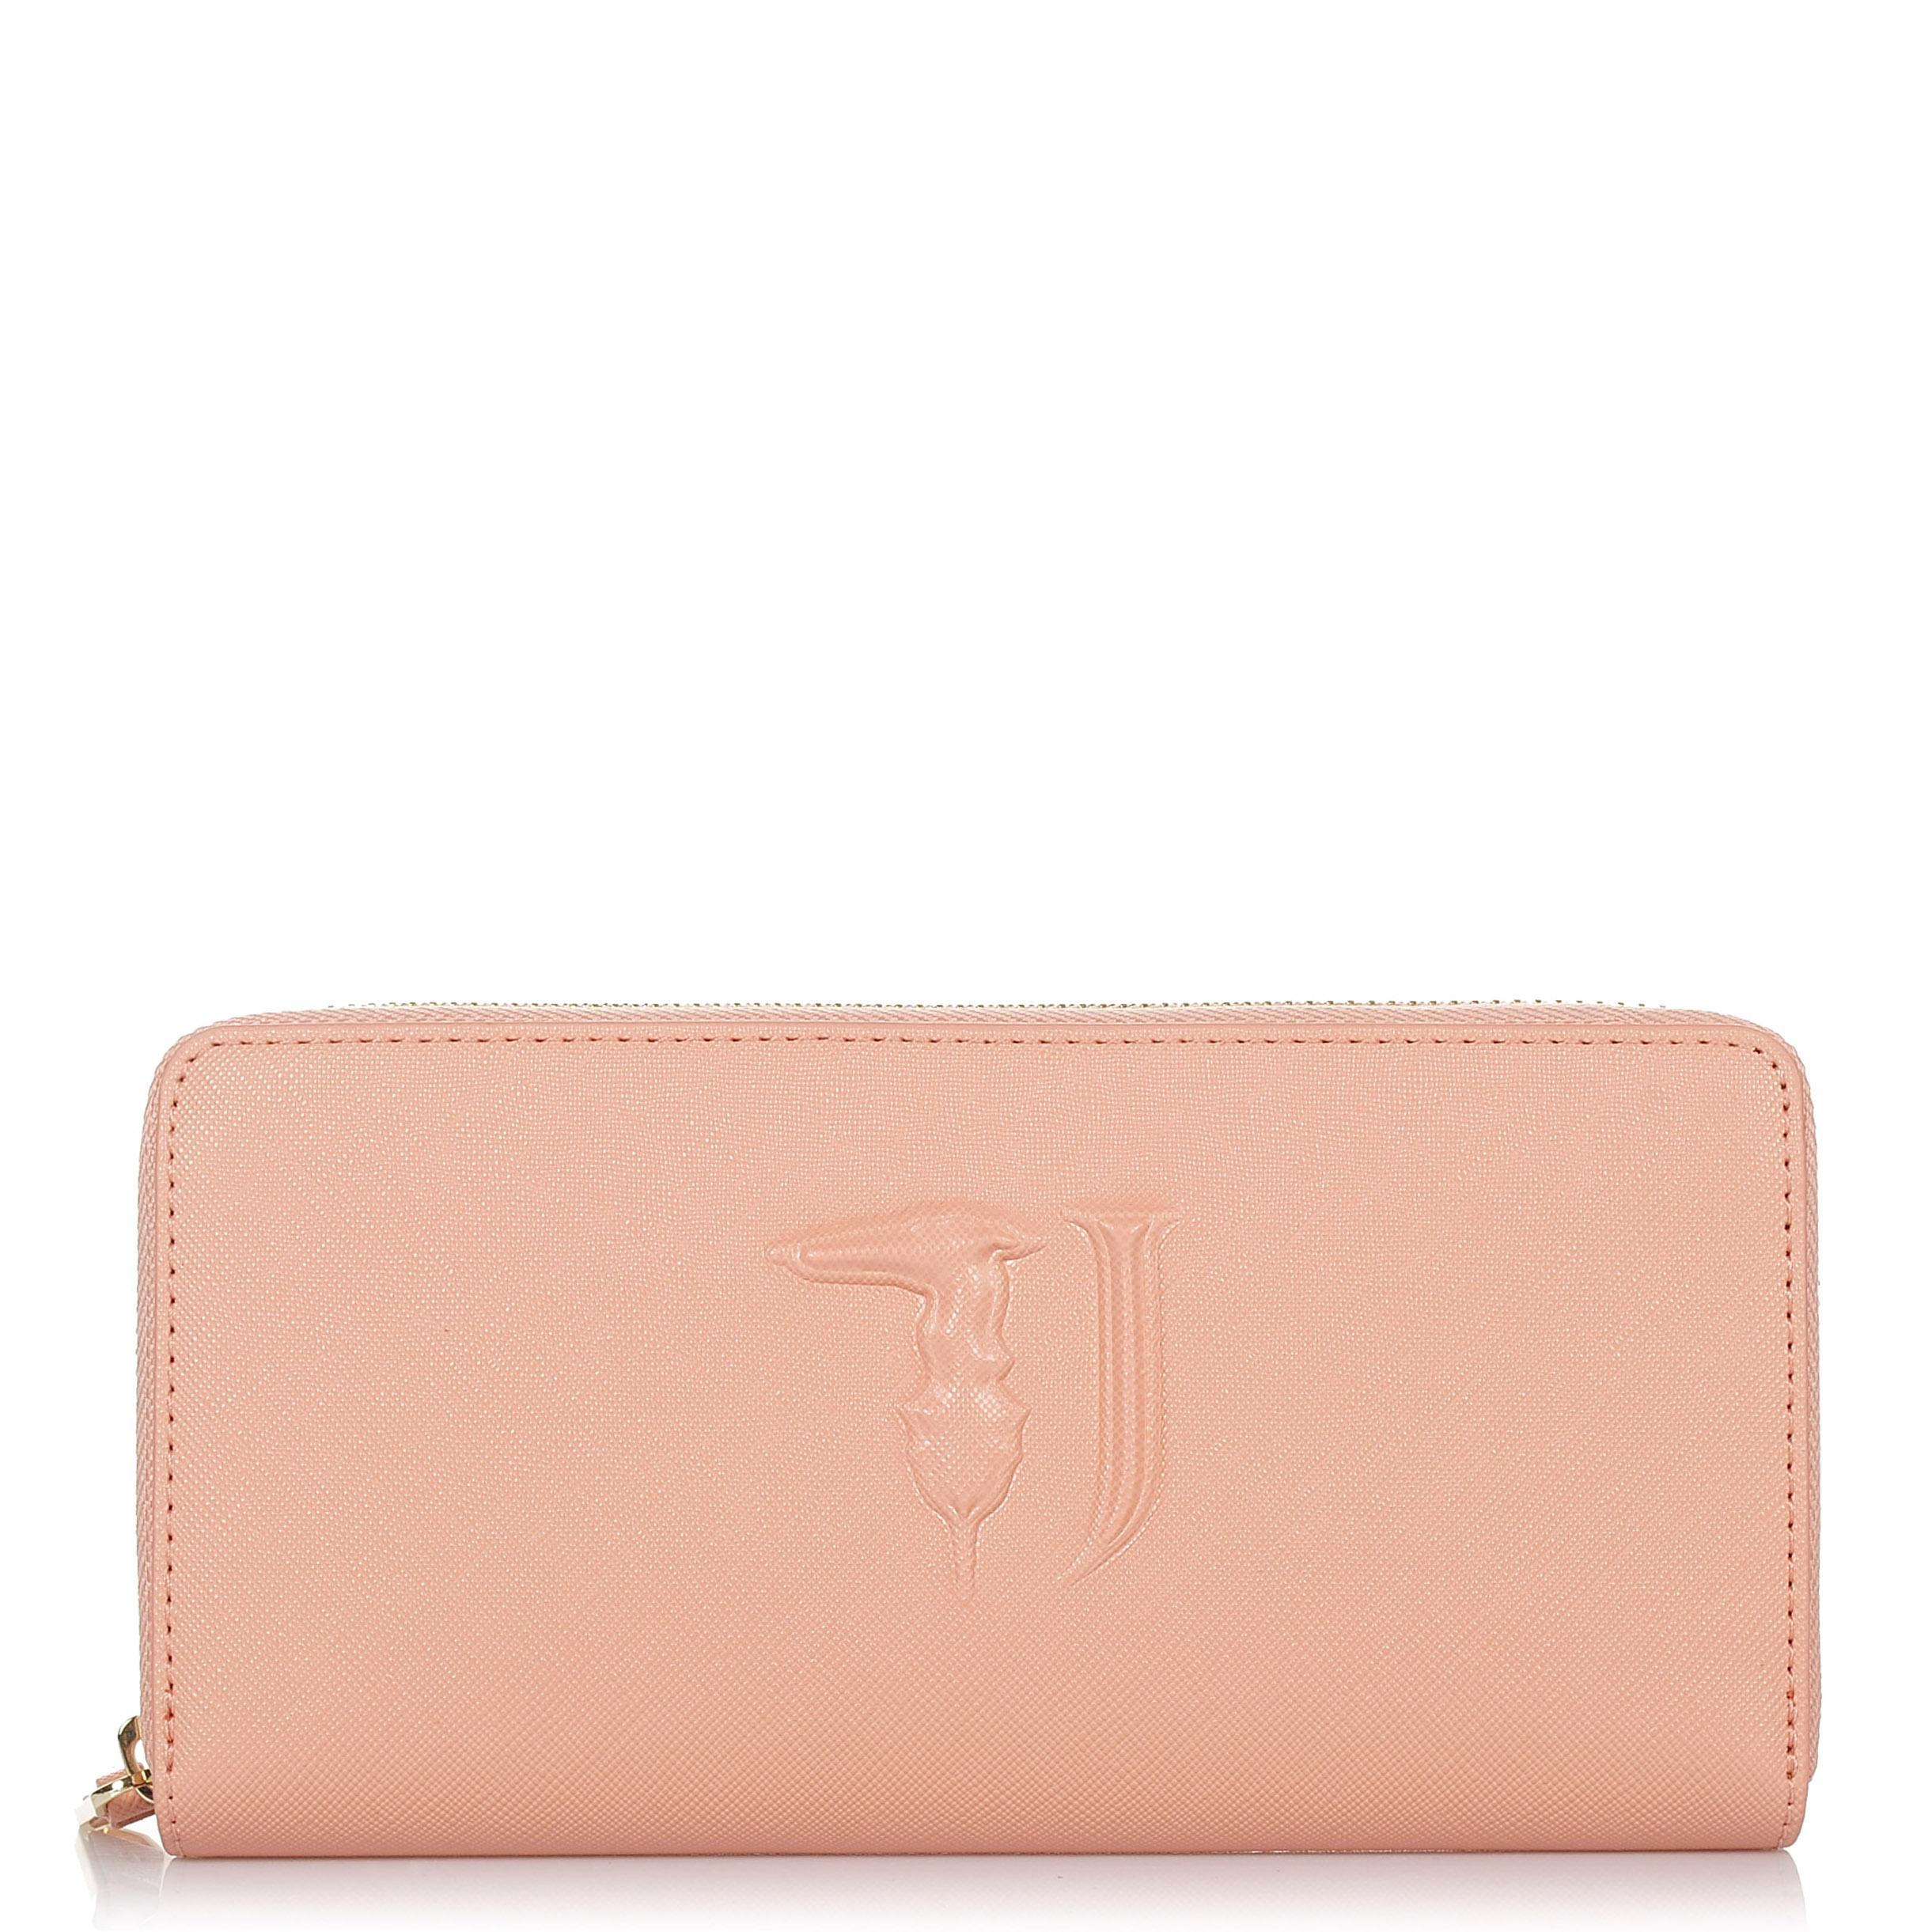 Πορτοφόλι Κασετίνα Trussardi Jeans Ischia Ecosaffiano Wallet Zip Around 75W001